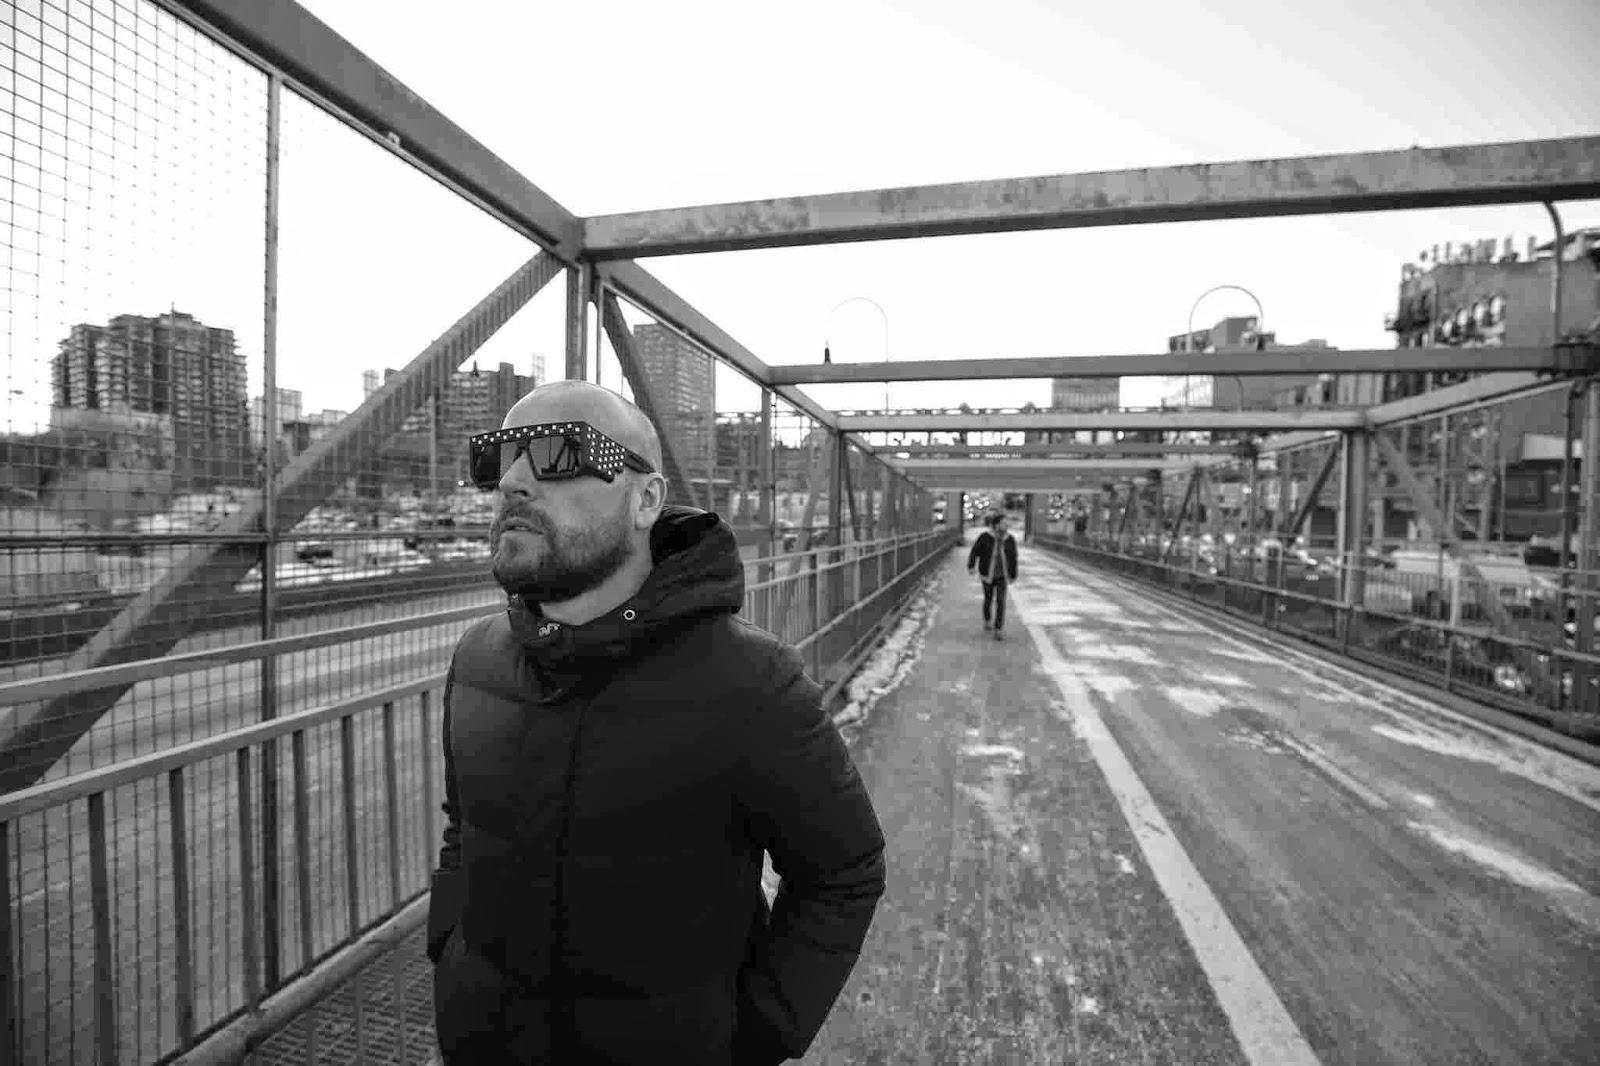 Sander Kleinenberg ft. Audio Bullys - Wicked Things